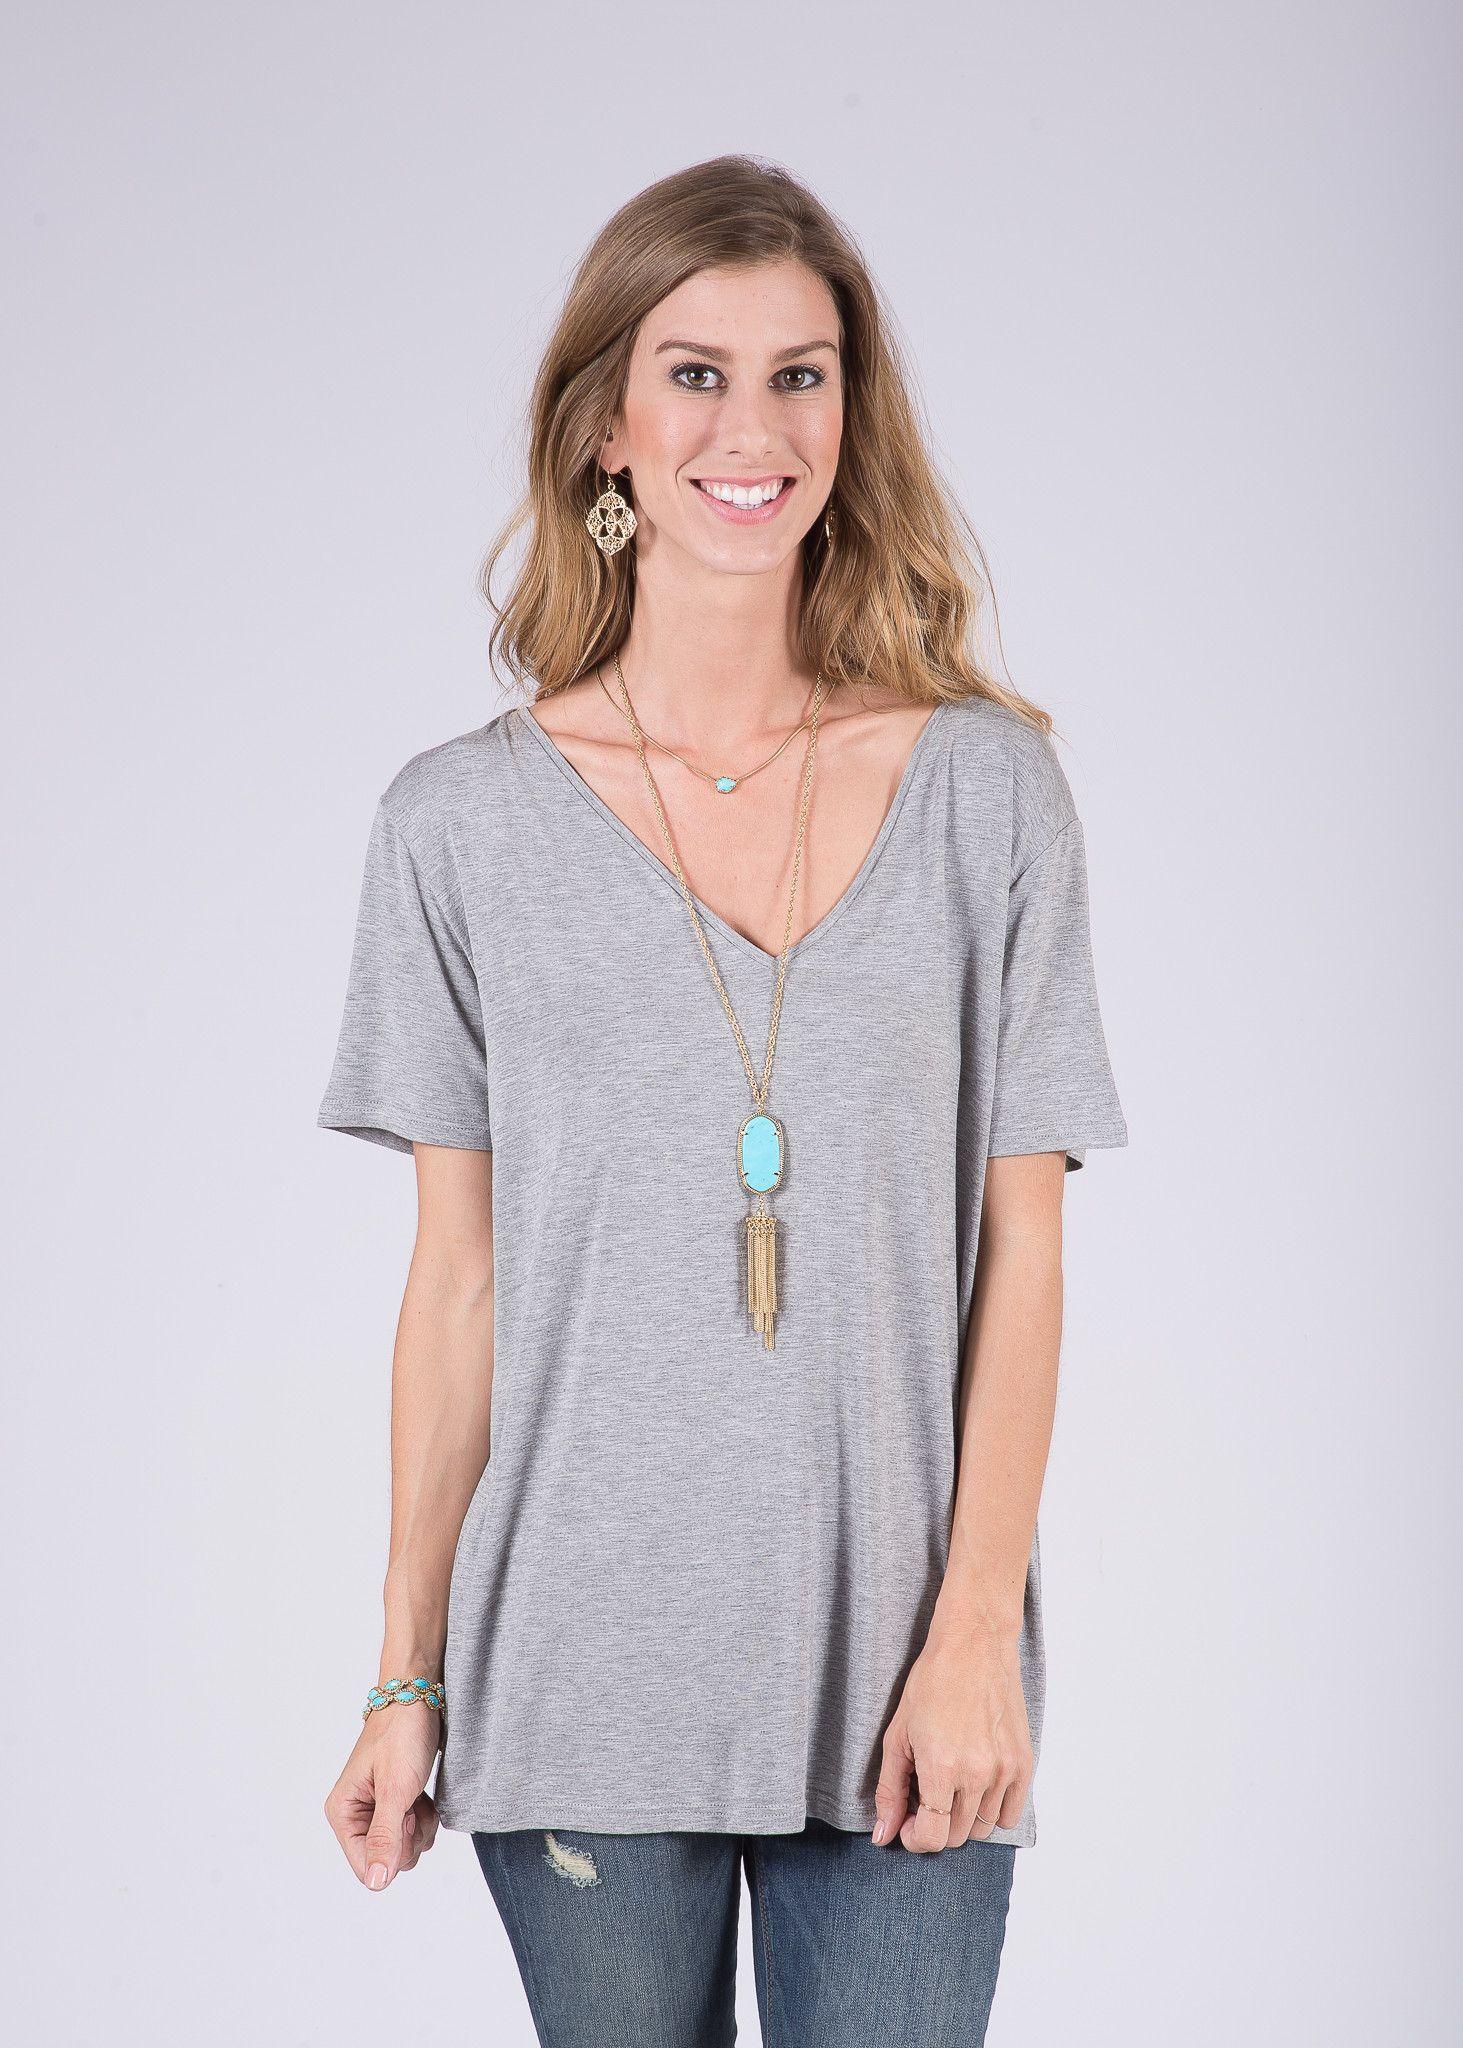 PIKO V-Neck Half-Sleeve 100% Bamboo Top - Heather Gray